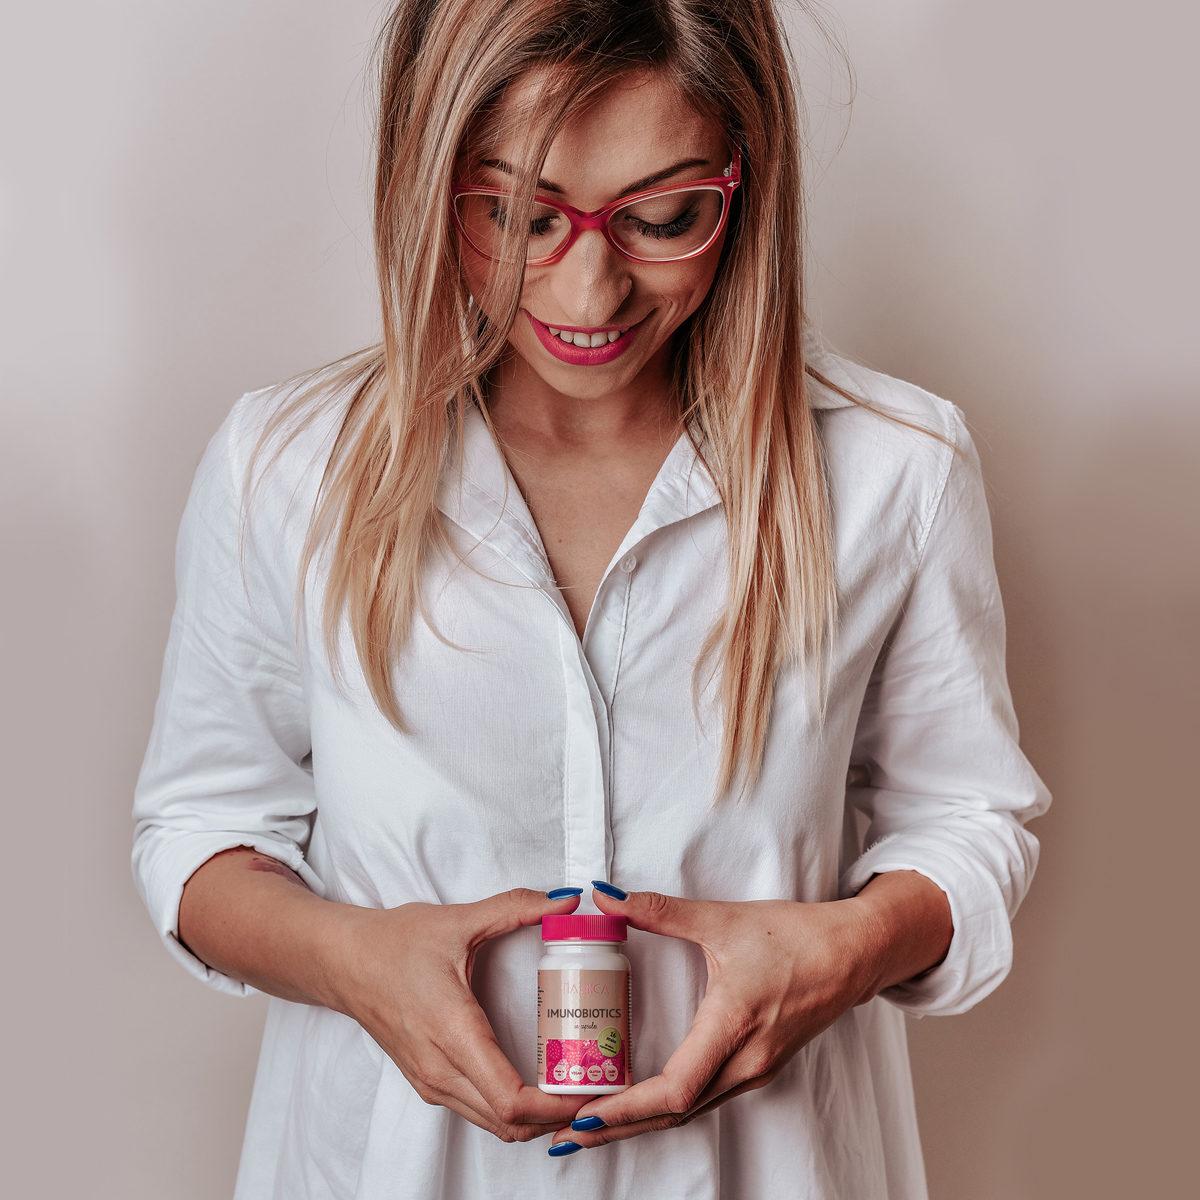 Probiotiki odpravijo več težav